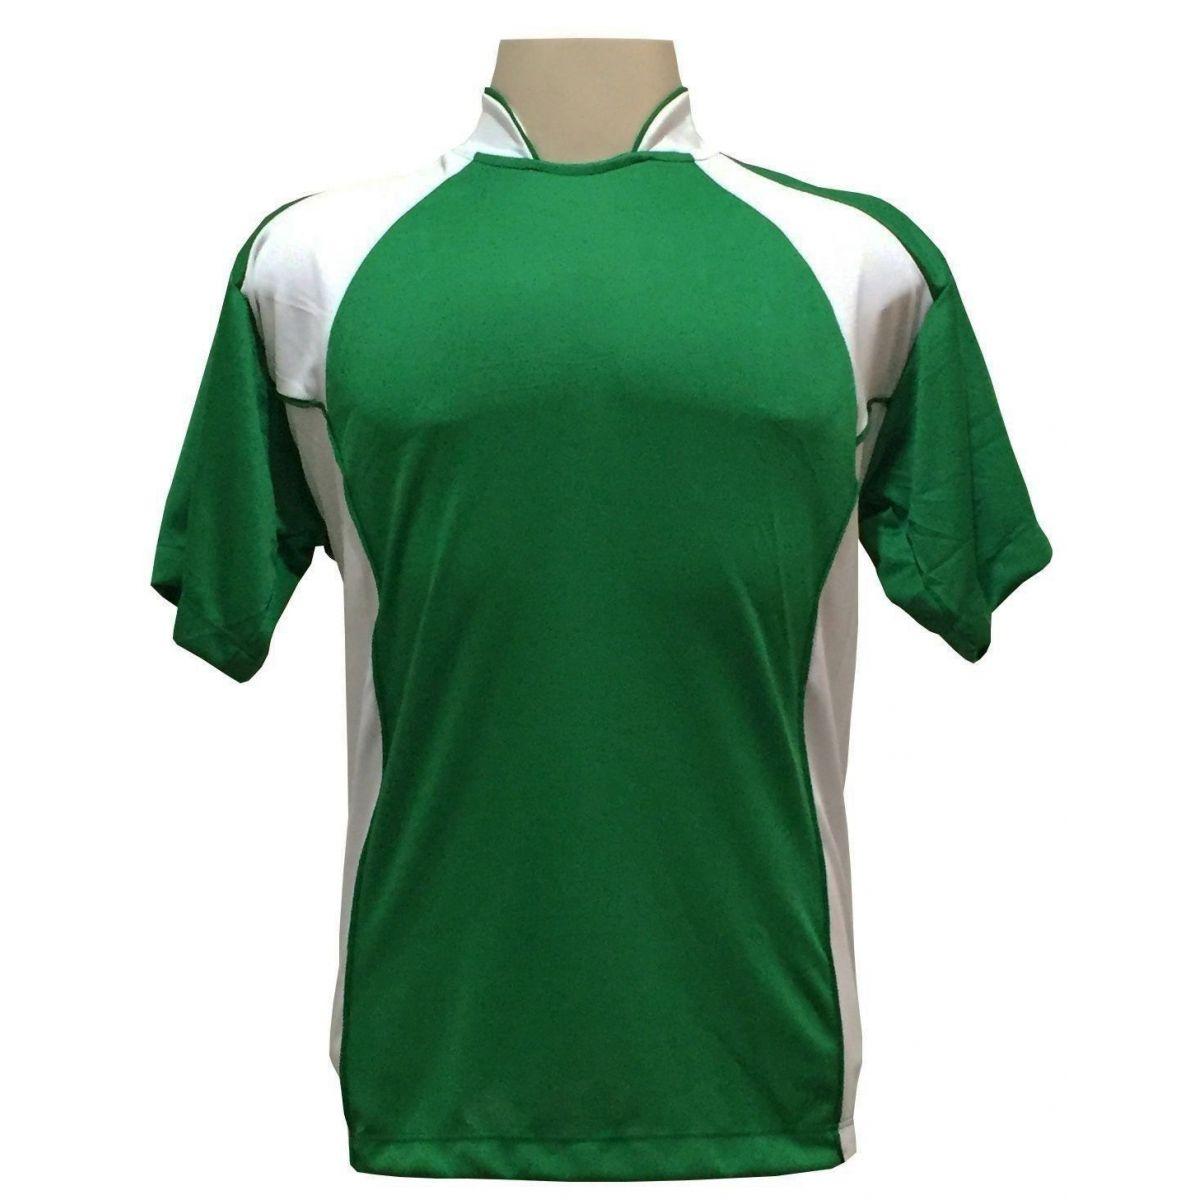 Jogo de Camisa com 14 unidades modelo Suécia Verde/Branco + 1 Goleiro + Brindes